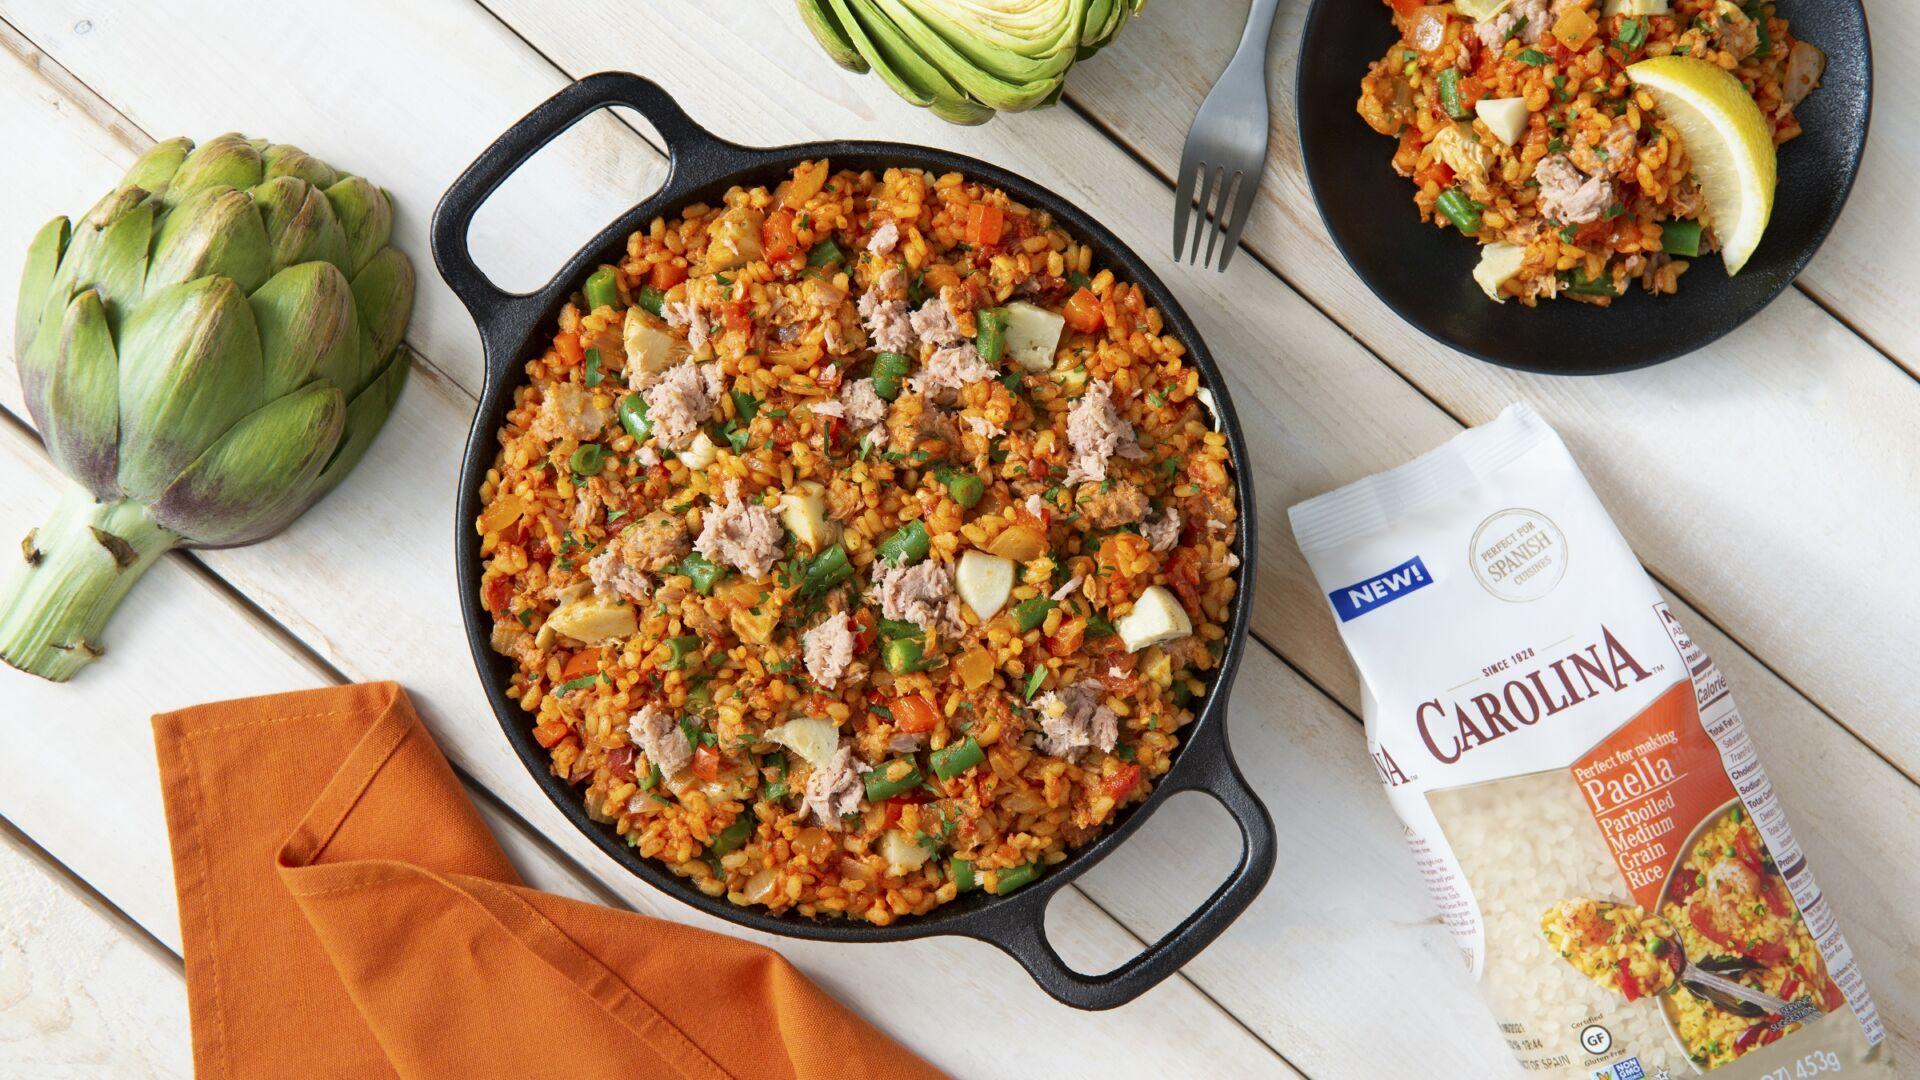 Tuna and Artichoke Paella